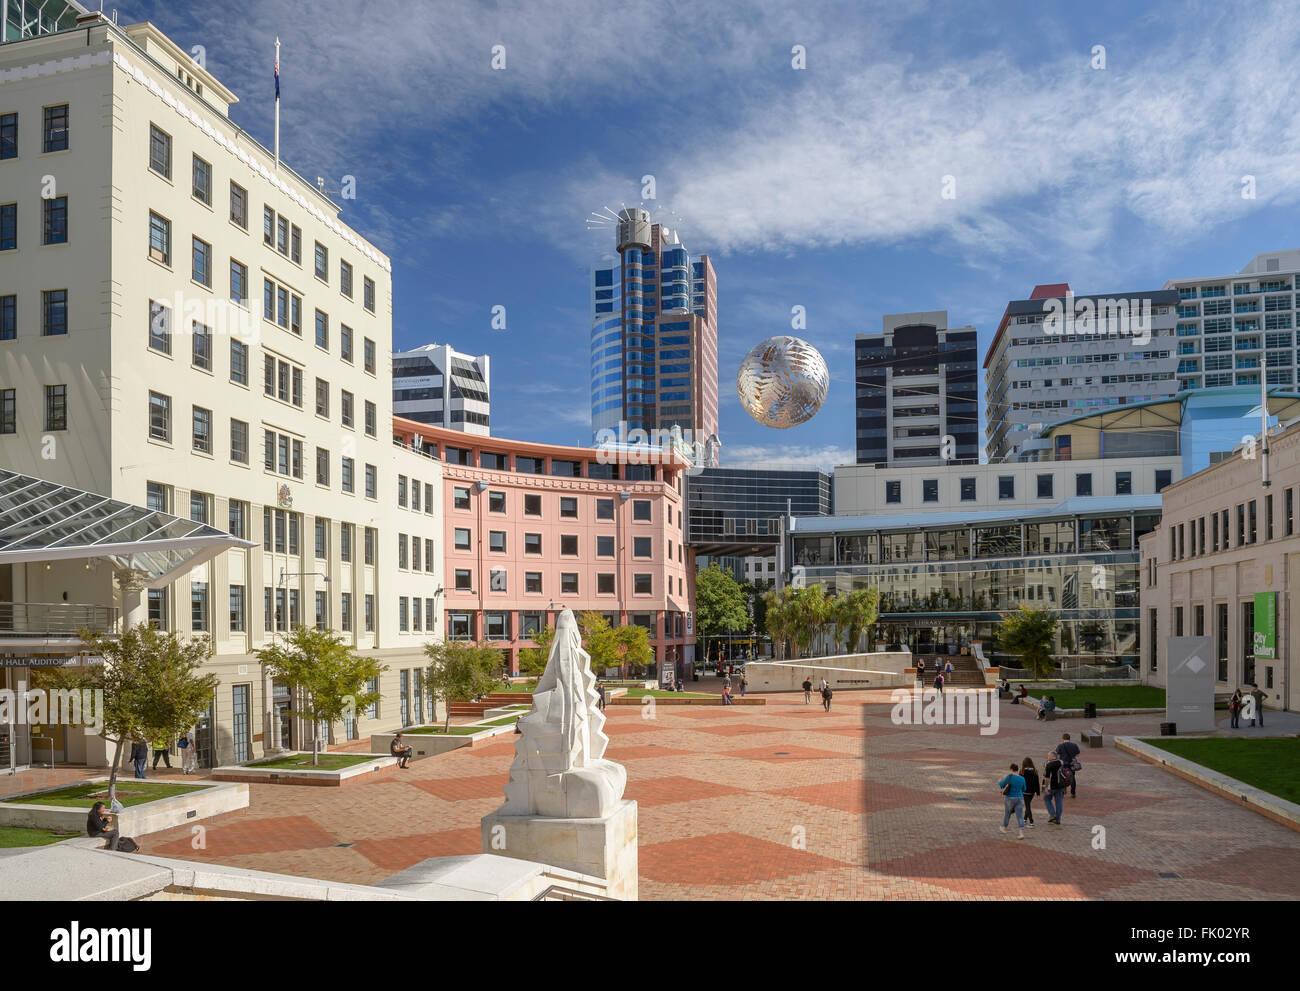 In attesa della sfera di ferro Farnball, scultura in Piazza Civica, maestoso centro dietro, Wellington, Nuova Zelanda Immagini Stock